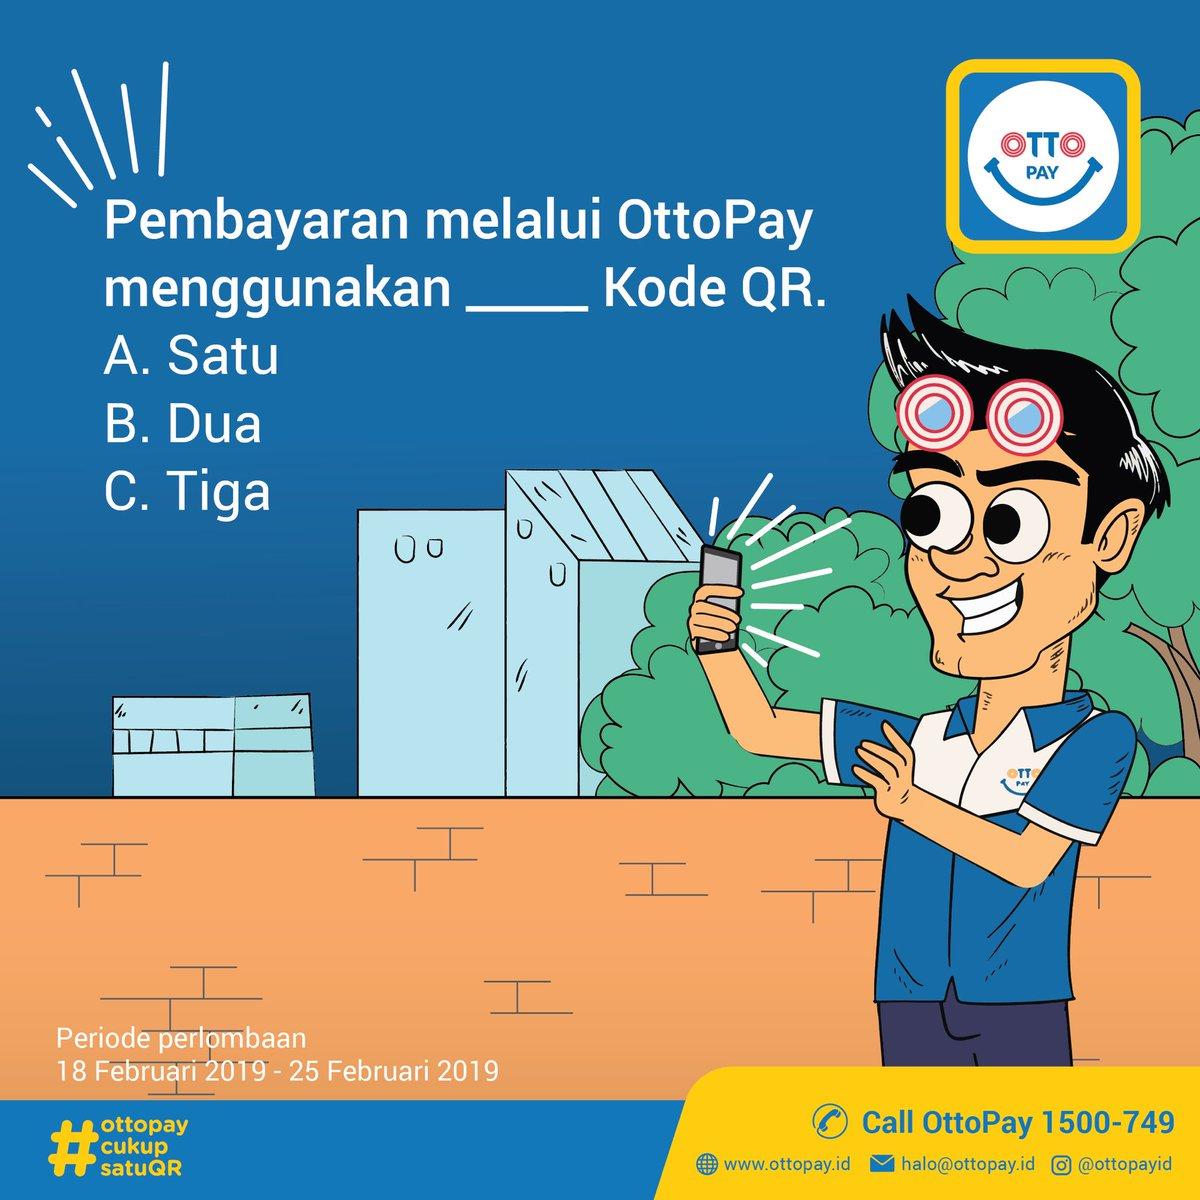 Kira-kira, ada yang bisa menjawab pertanyaan ini nggak yah?  Yuk! Jawab pertanyaan ini dan dapatkan hadiah berupa voucher minimarket untuk 5 pemenang!  #OttoPay #OttoPayCukupSatuQR #KuisBerhadiah #InfoKuis #QuizBerhadiah #Quiz #Kuis